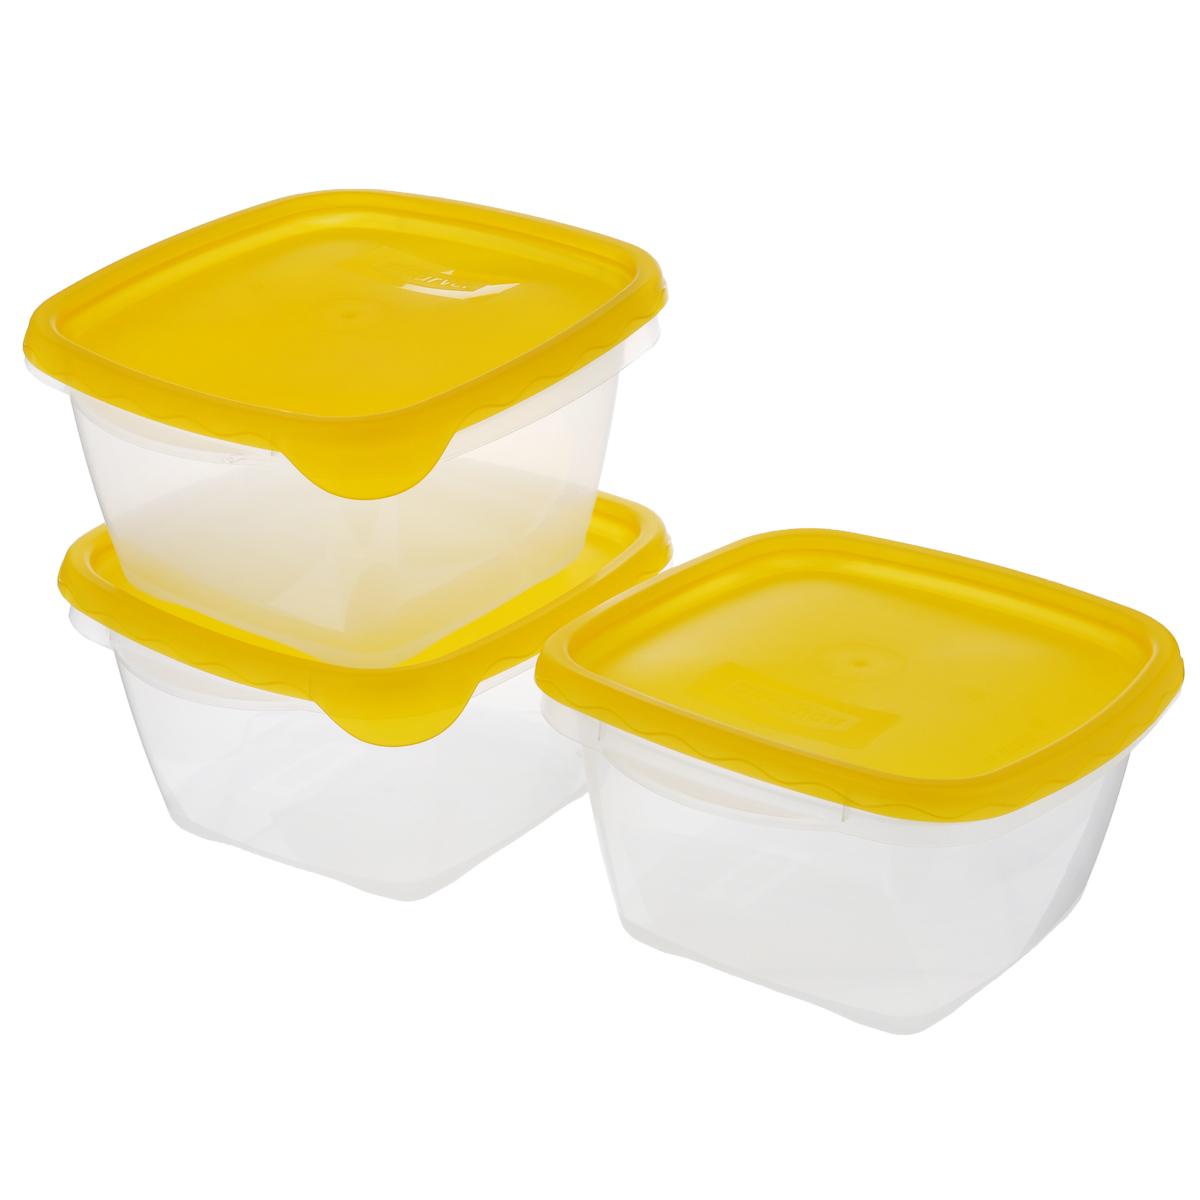 Набор пищевых контейнеров Curver Take Away, 1,2 л, 3 шт08323/цв 3Набор Curver Take Away состоит из 3 пищевых контейнеров одинакового размера. Контейнеры выполнены из высококачественного пищевого пластика. Крышка легко открывается и плотно закрывается с помощью легкого щелчка. Прозрачные стенки позволяют видеть содержимое. Контейнер имеет возможность хранения продуктов в холодильнике (до -20 °C), обладает высокой прочностью, можно использовать в микроволновых печах (до +100 °C), можно мыть в посудомоечной машине. Объем контейнера: 1,2 л.